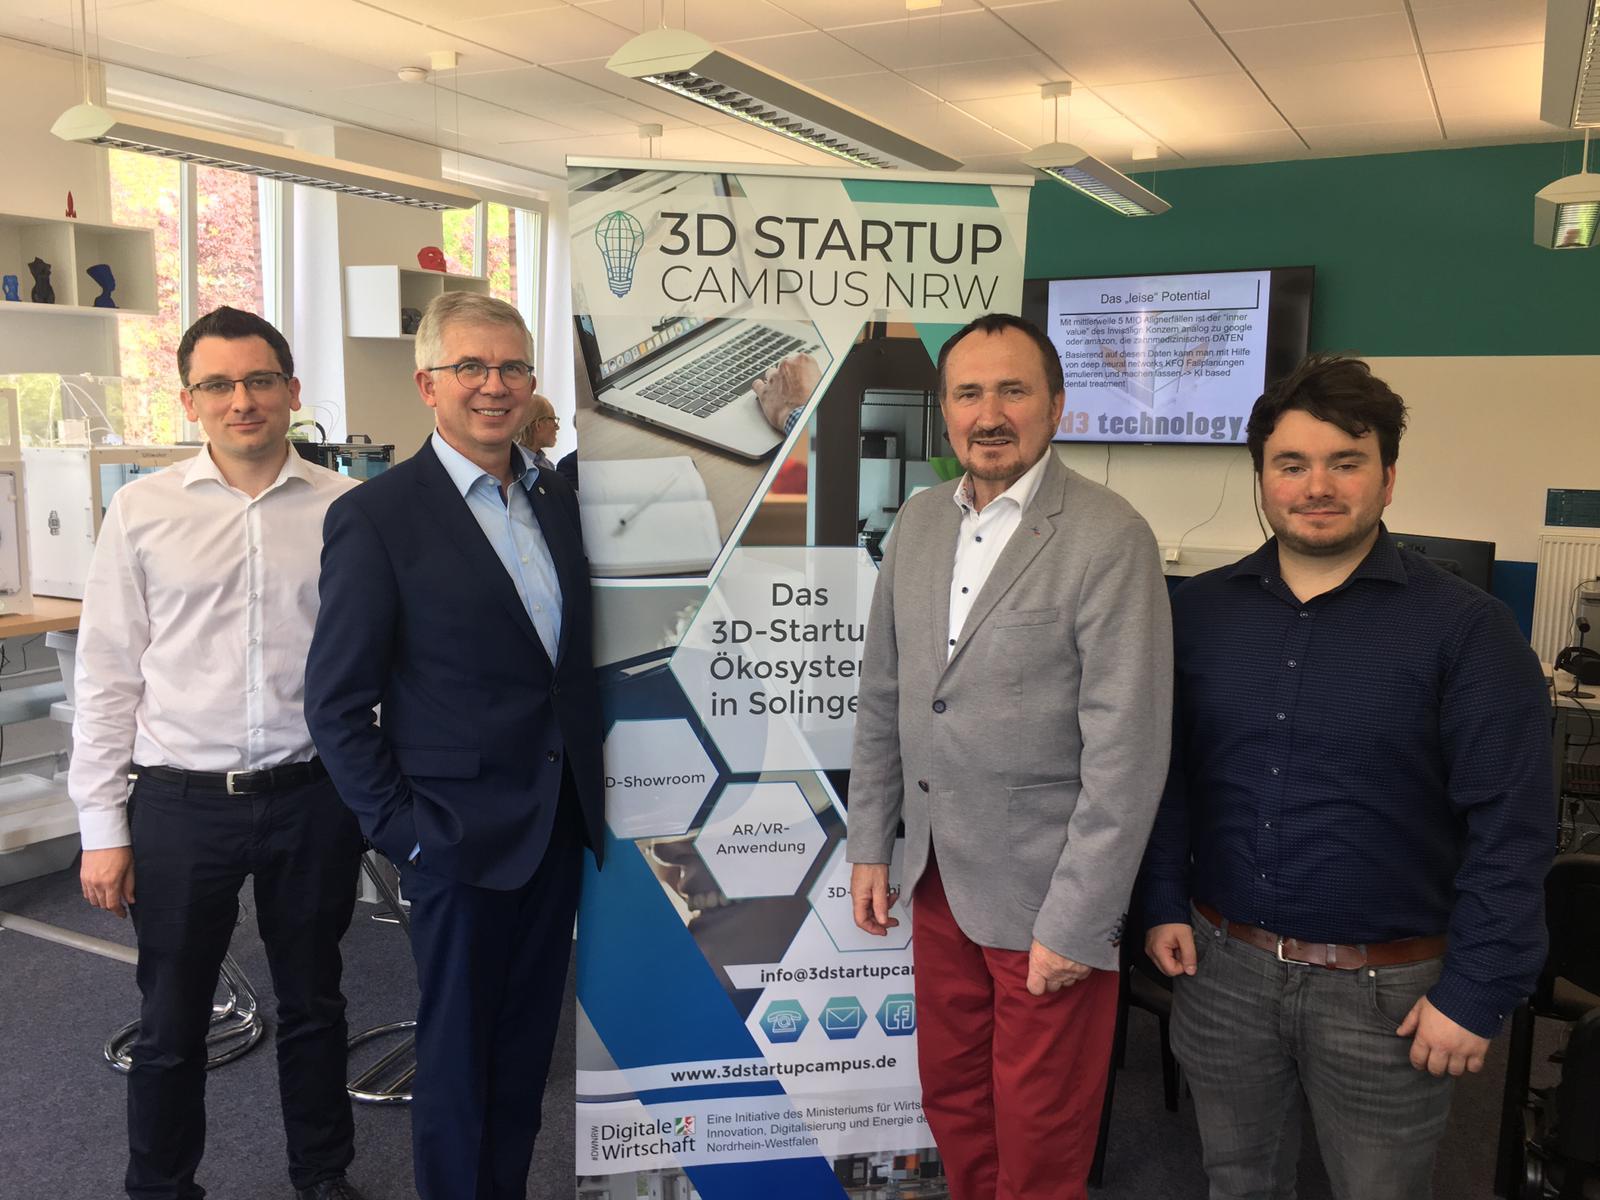 Bundestagsabgeordnete besuchen 3D Startup Campus NRW in Solingen